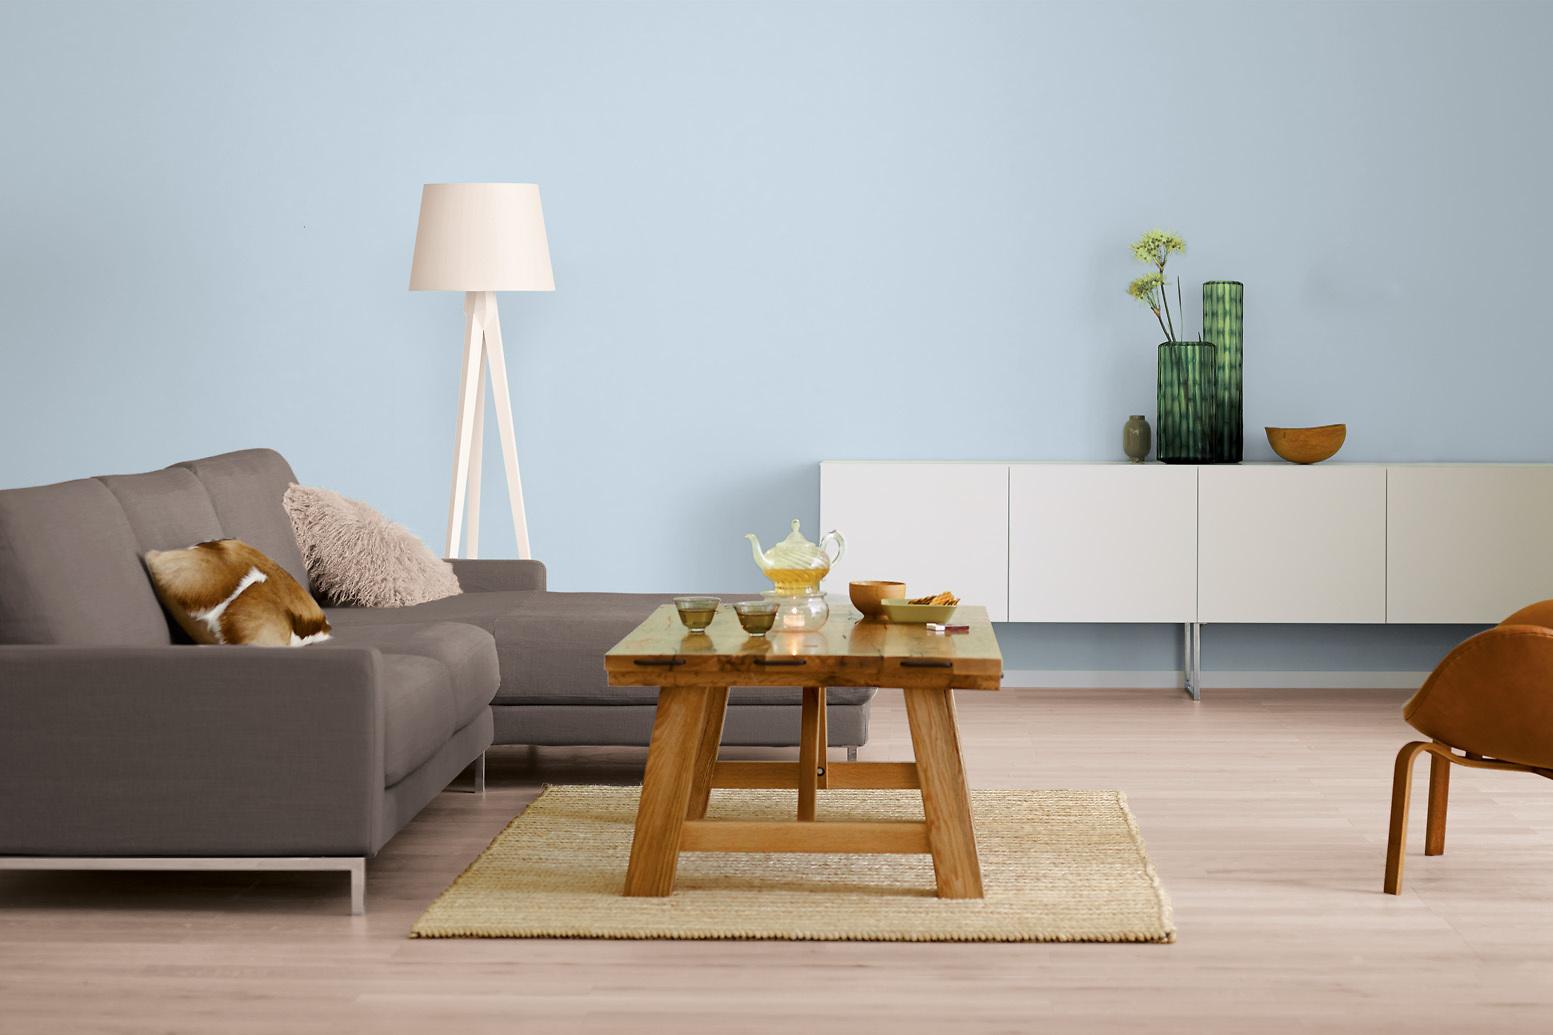 innenfarbe in blau wasserblau streichen alpina. Black Bedroom Furniture Sets. Home Design Ideas